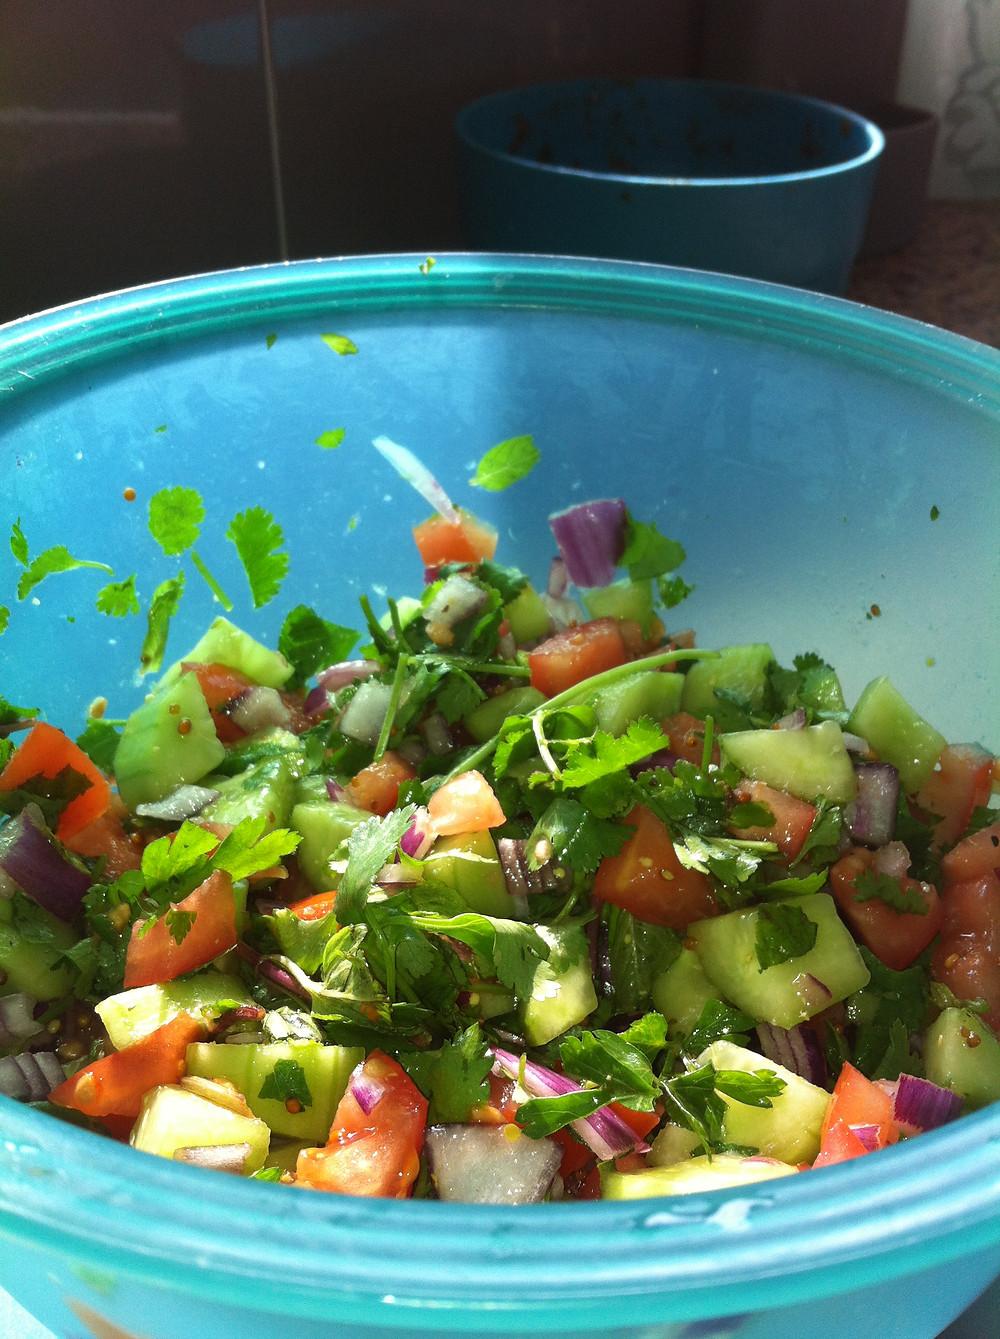 סלט ירקות דיאטטי